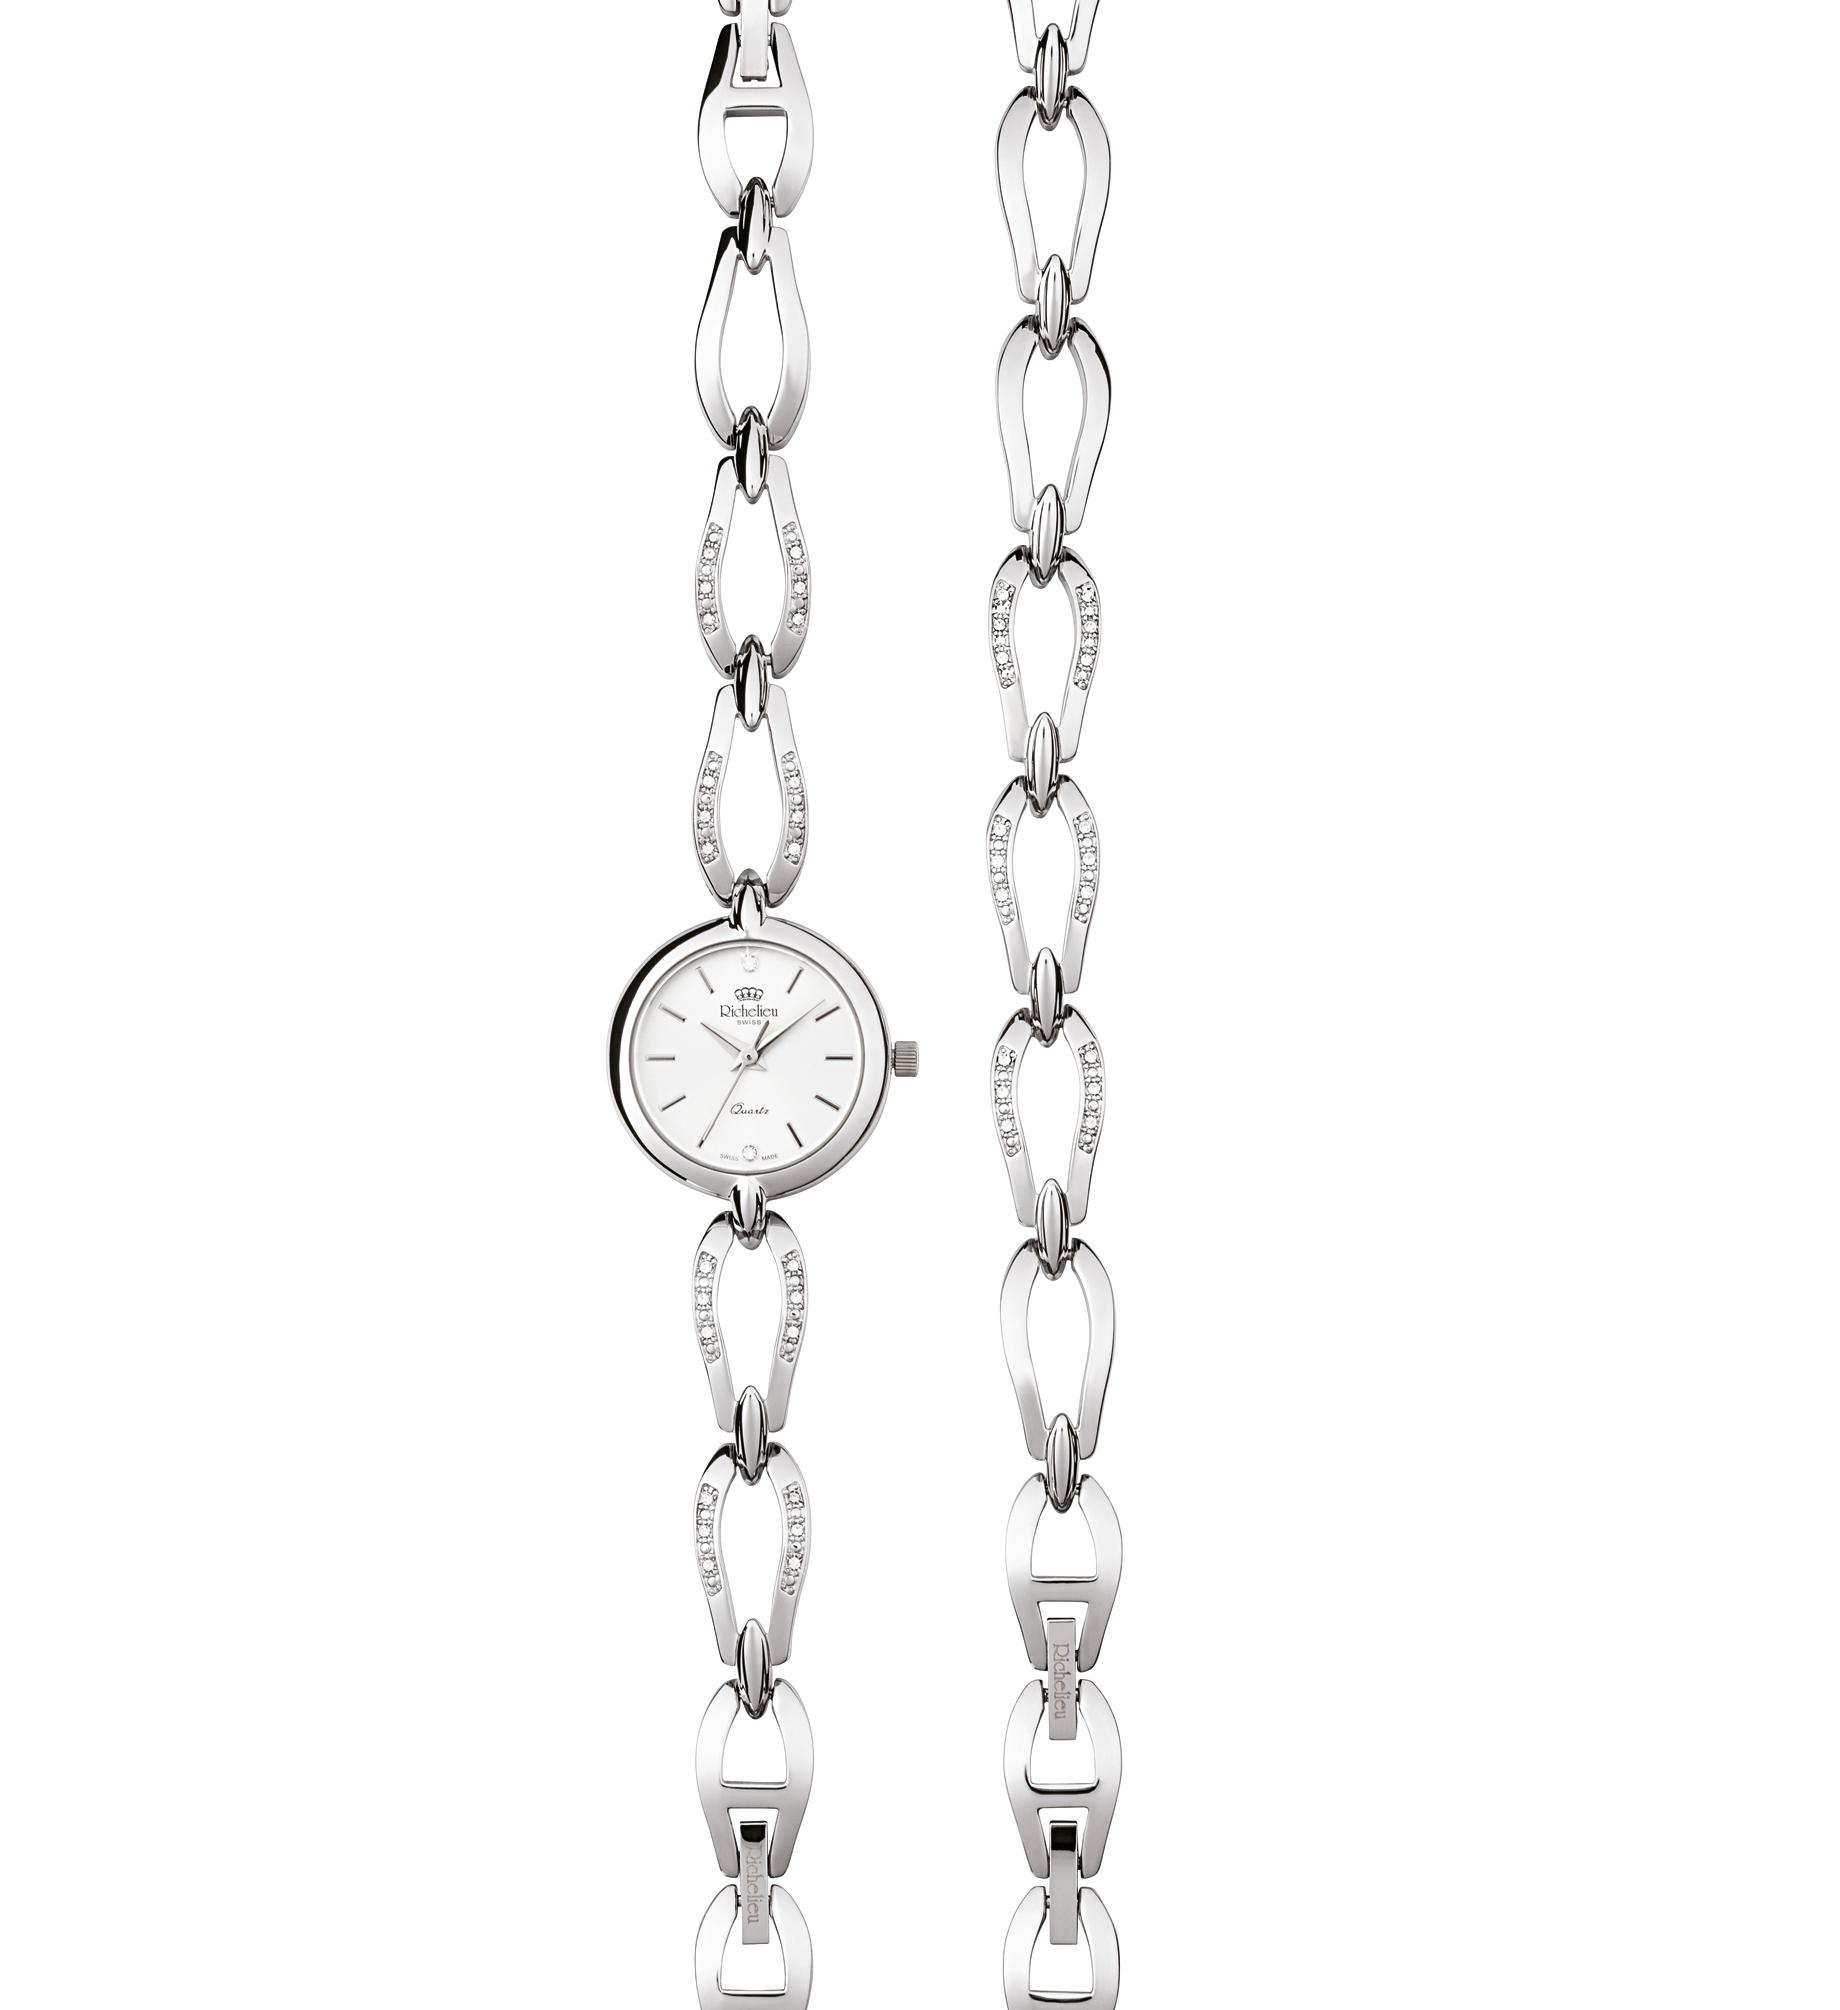 Elégant kit montre quartz pour dame « SWISS MADE »